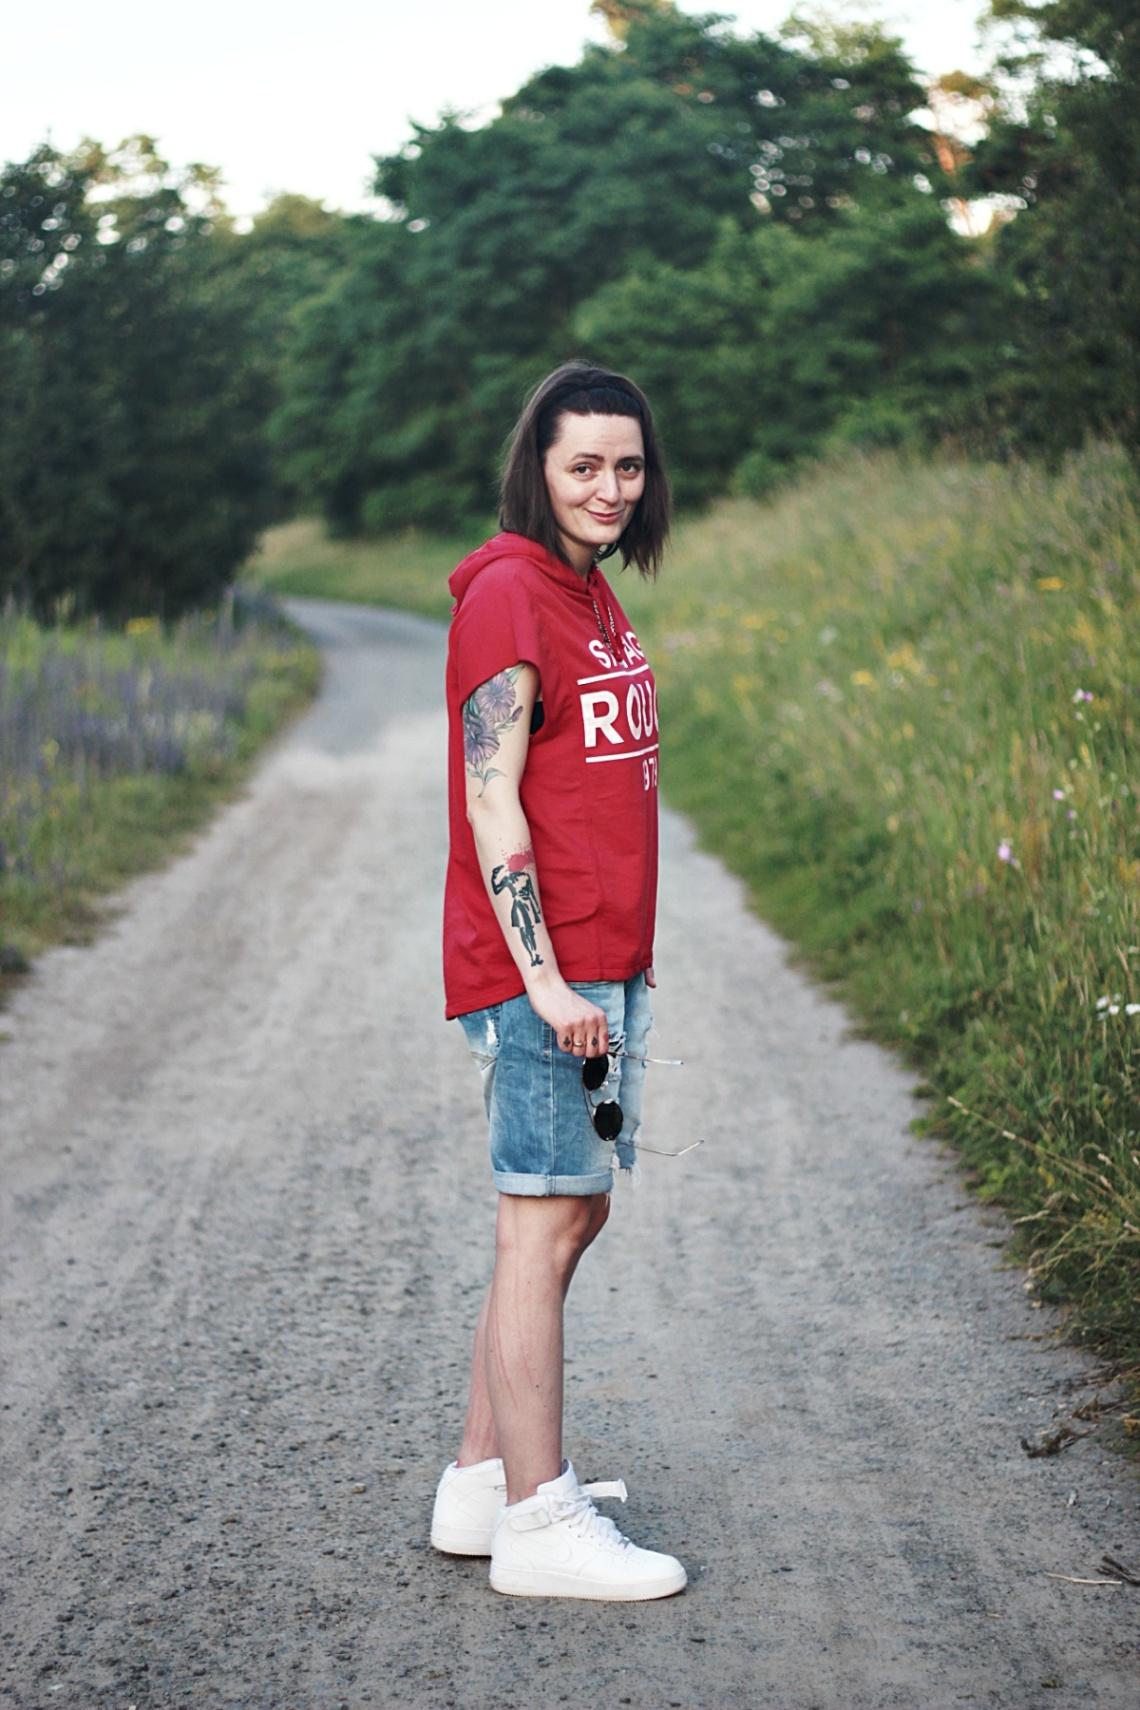 redshirt8